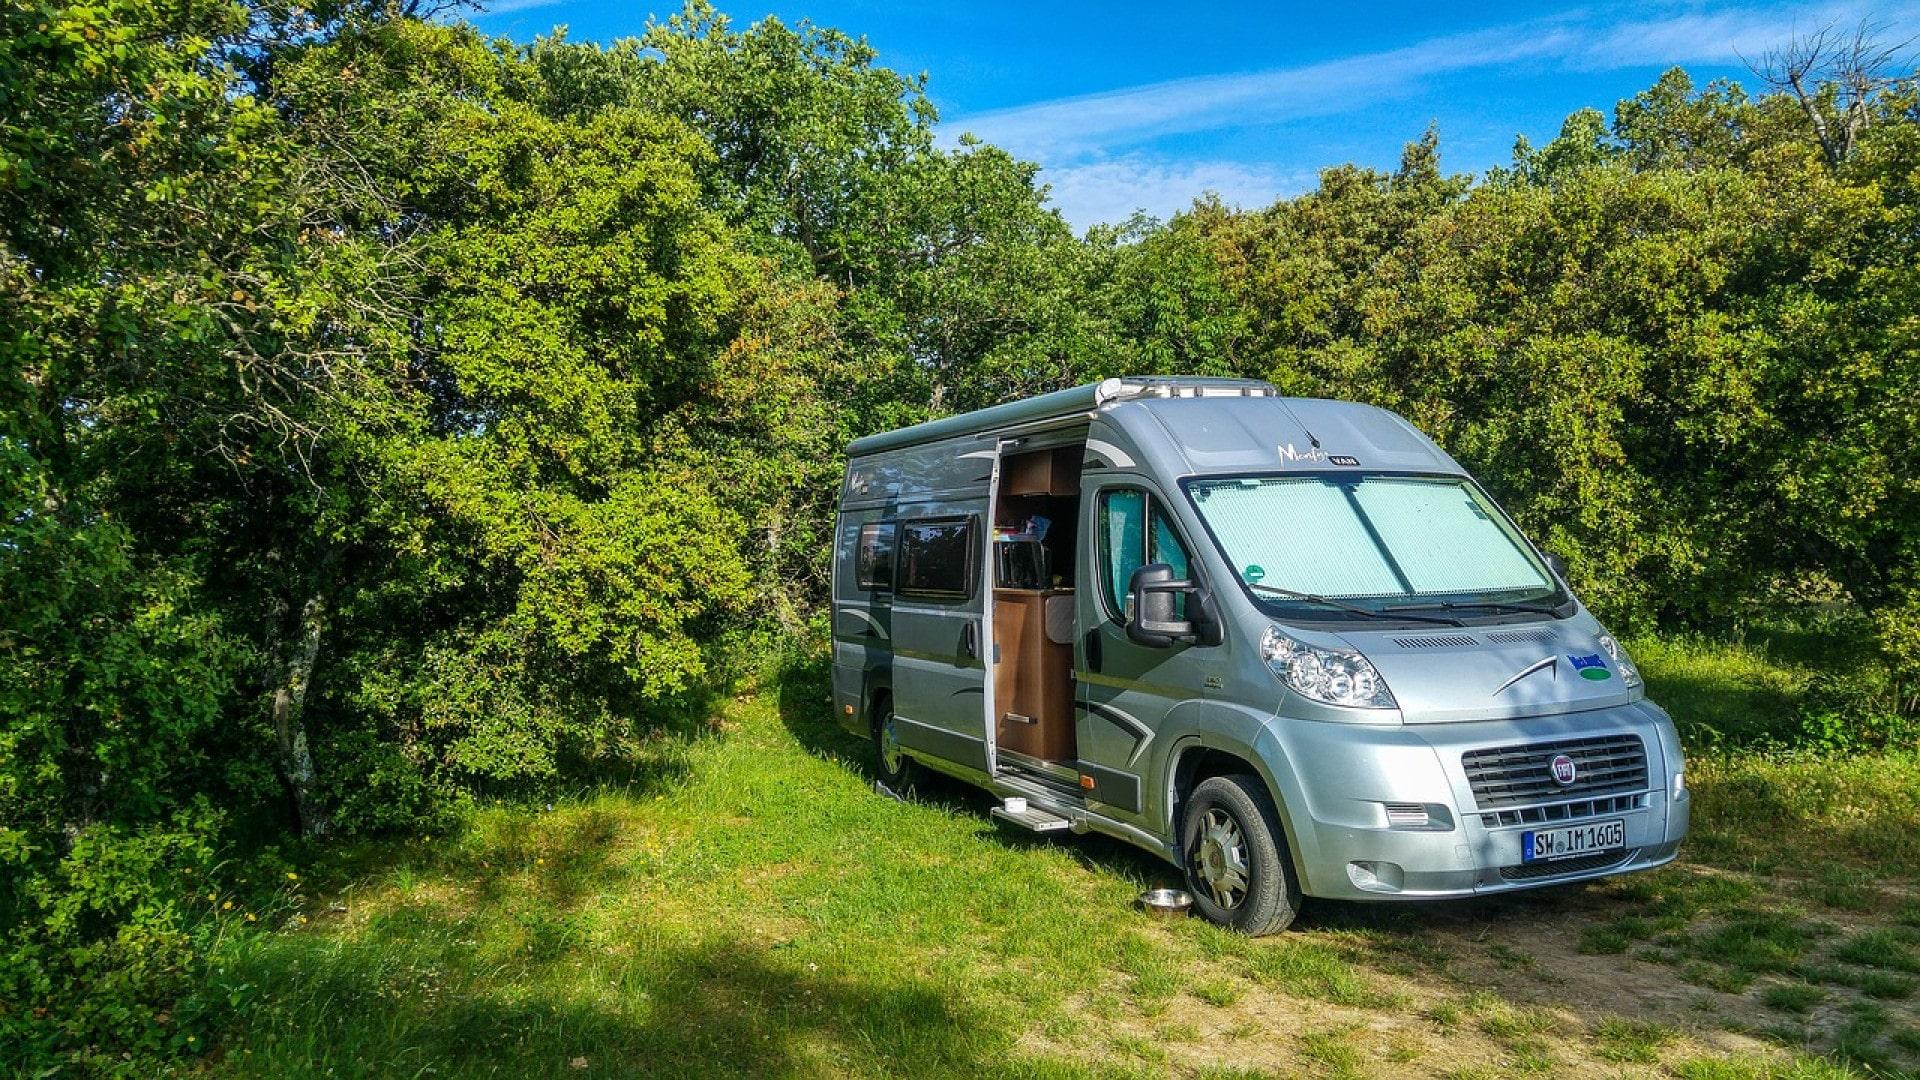 Fourgon ou camping-car, que faut-il choisir ?